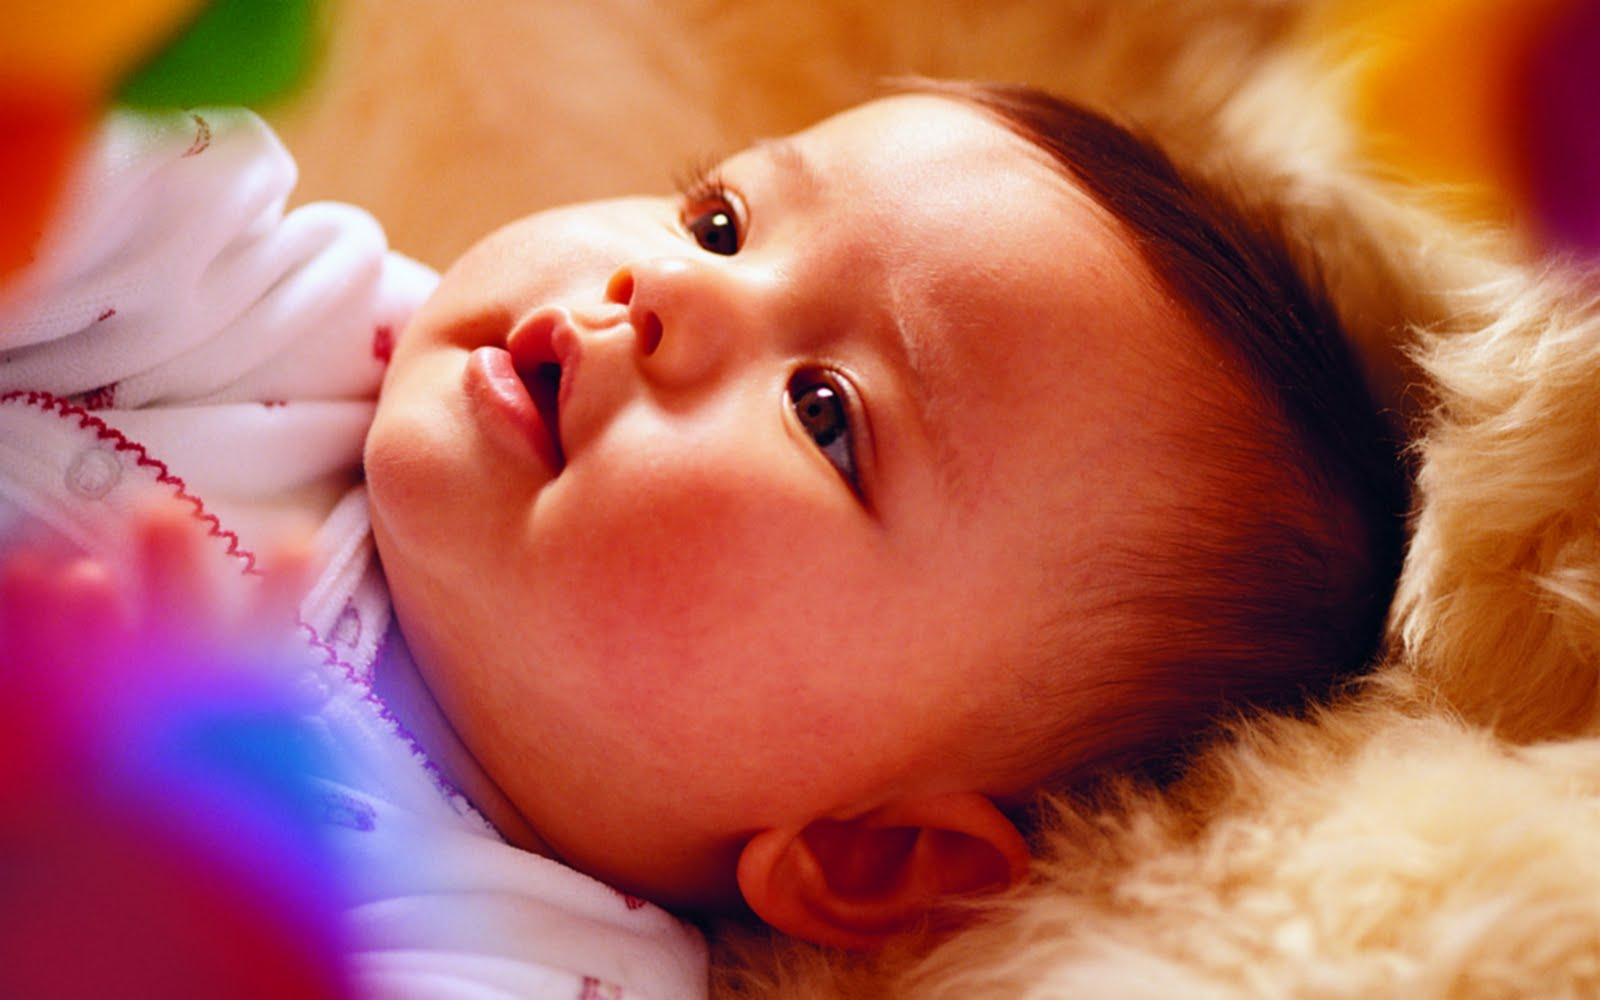 http://3.bp.blogspot.com/-q_dfYmIu-og/Tfo7DF5vkiI/AAAAAAAACoI/TF5wCZLAgkk/s1600/cute_baby.jpg